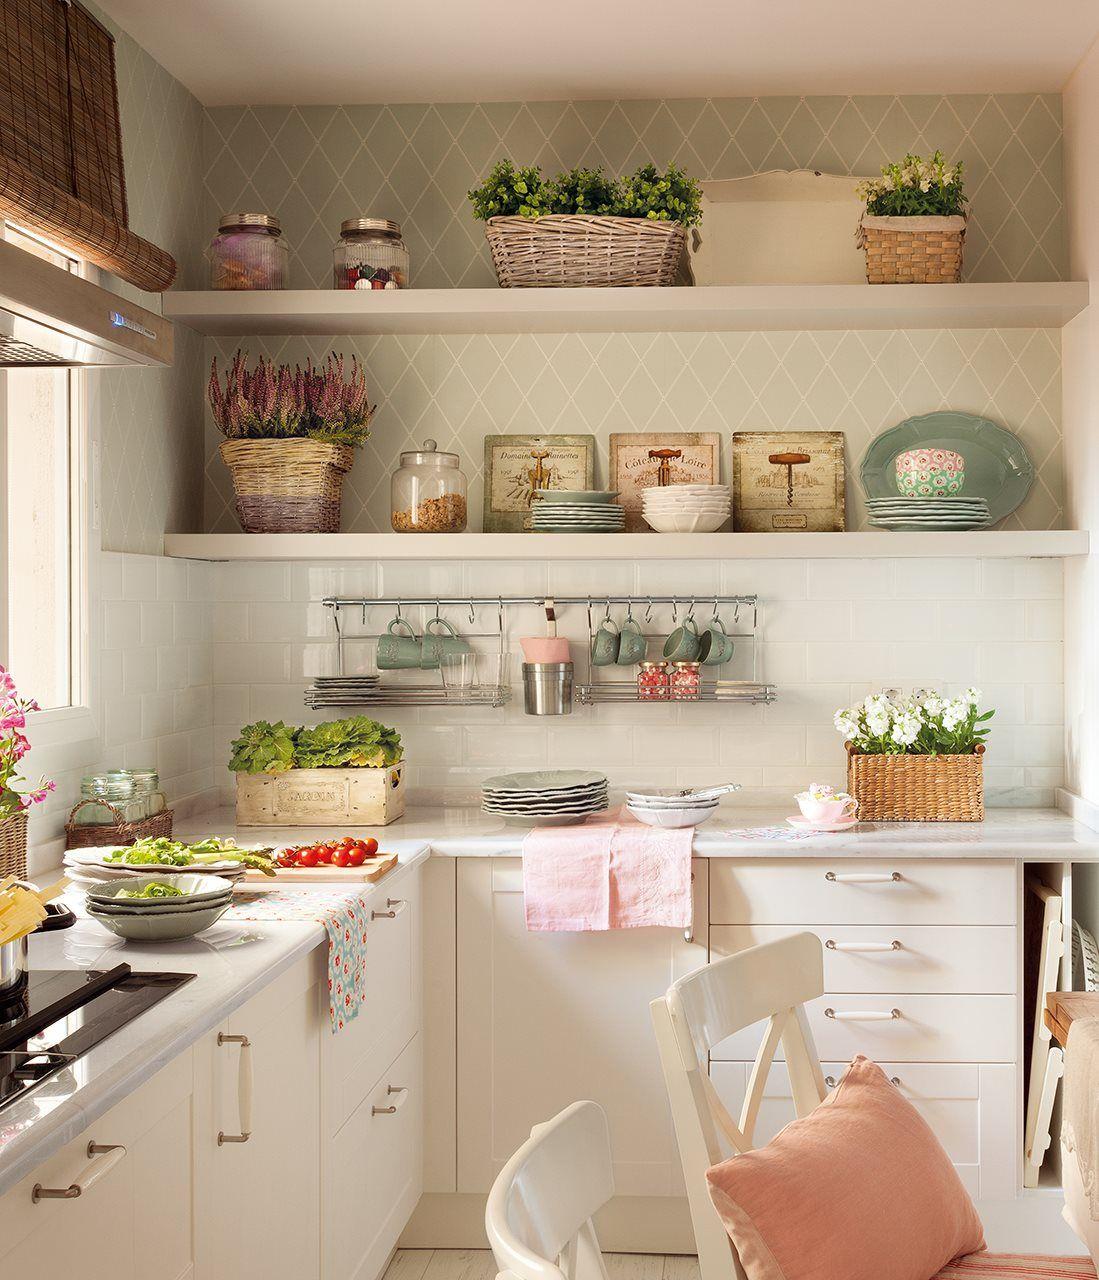 самые красивые кухни с полками фото самостоятельно едущим абхазию